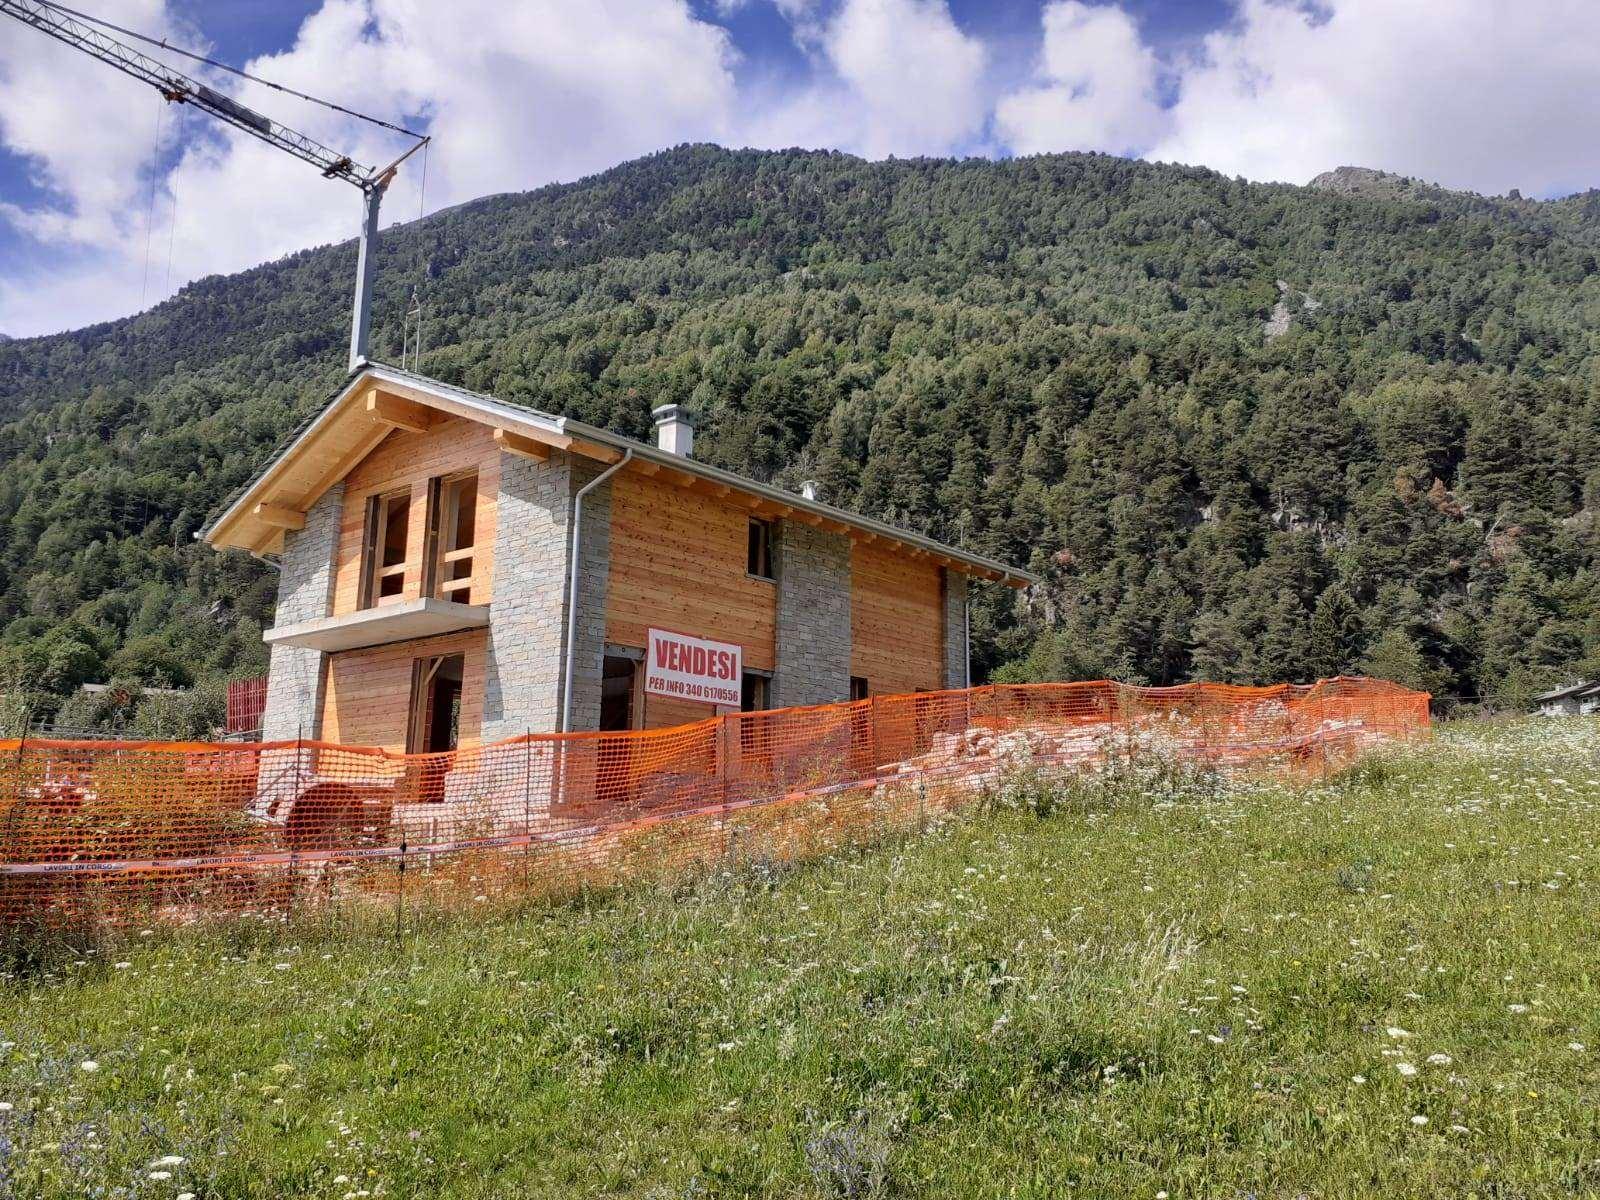 Villa Bifamiliare in vendita a Civo, 3 locali, zona Località: POIRA, prezzo € 190.000 | CambioCasa.it